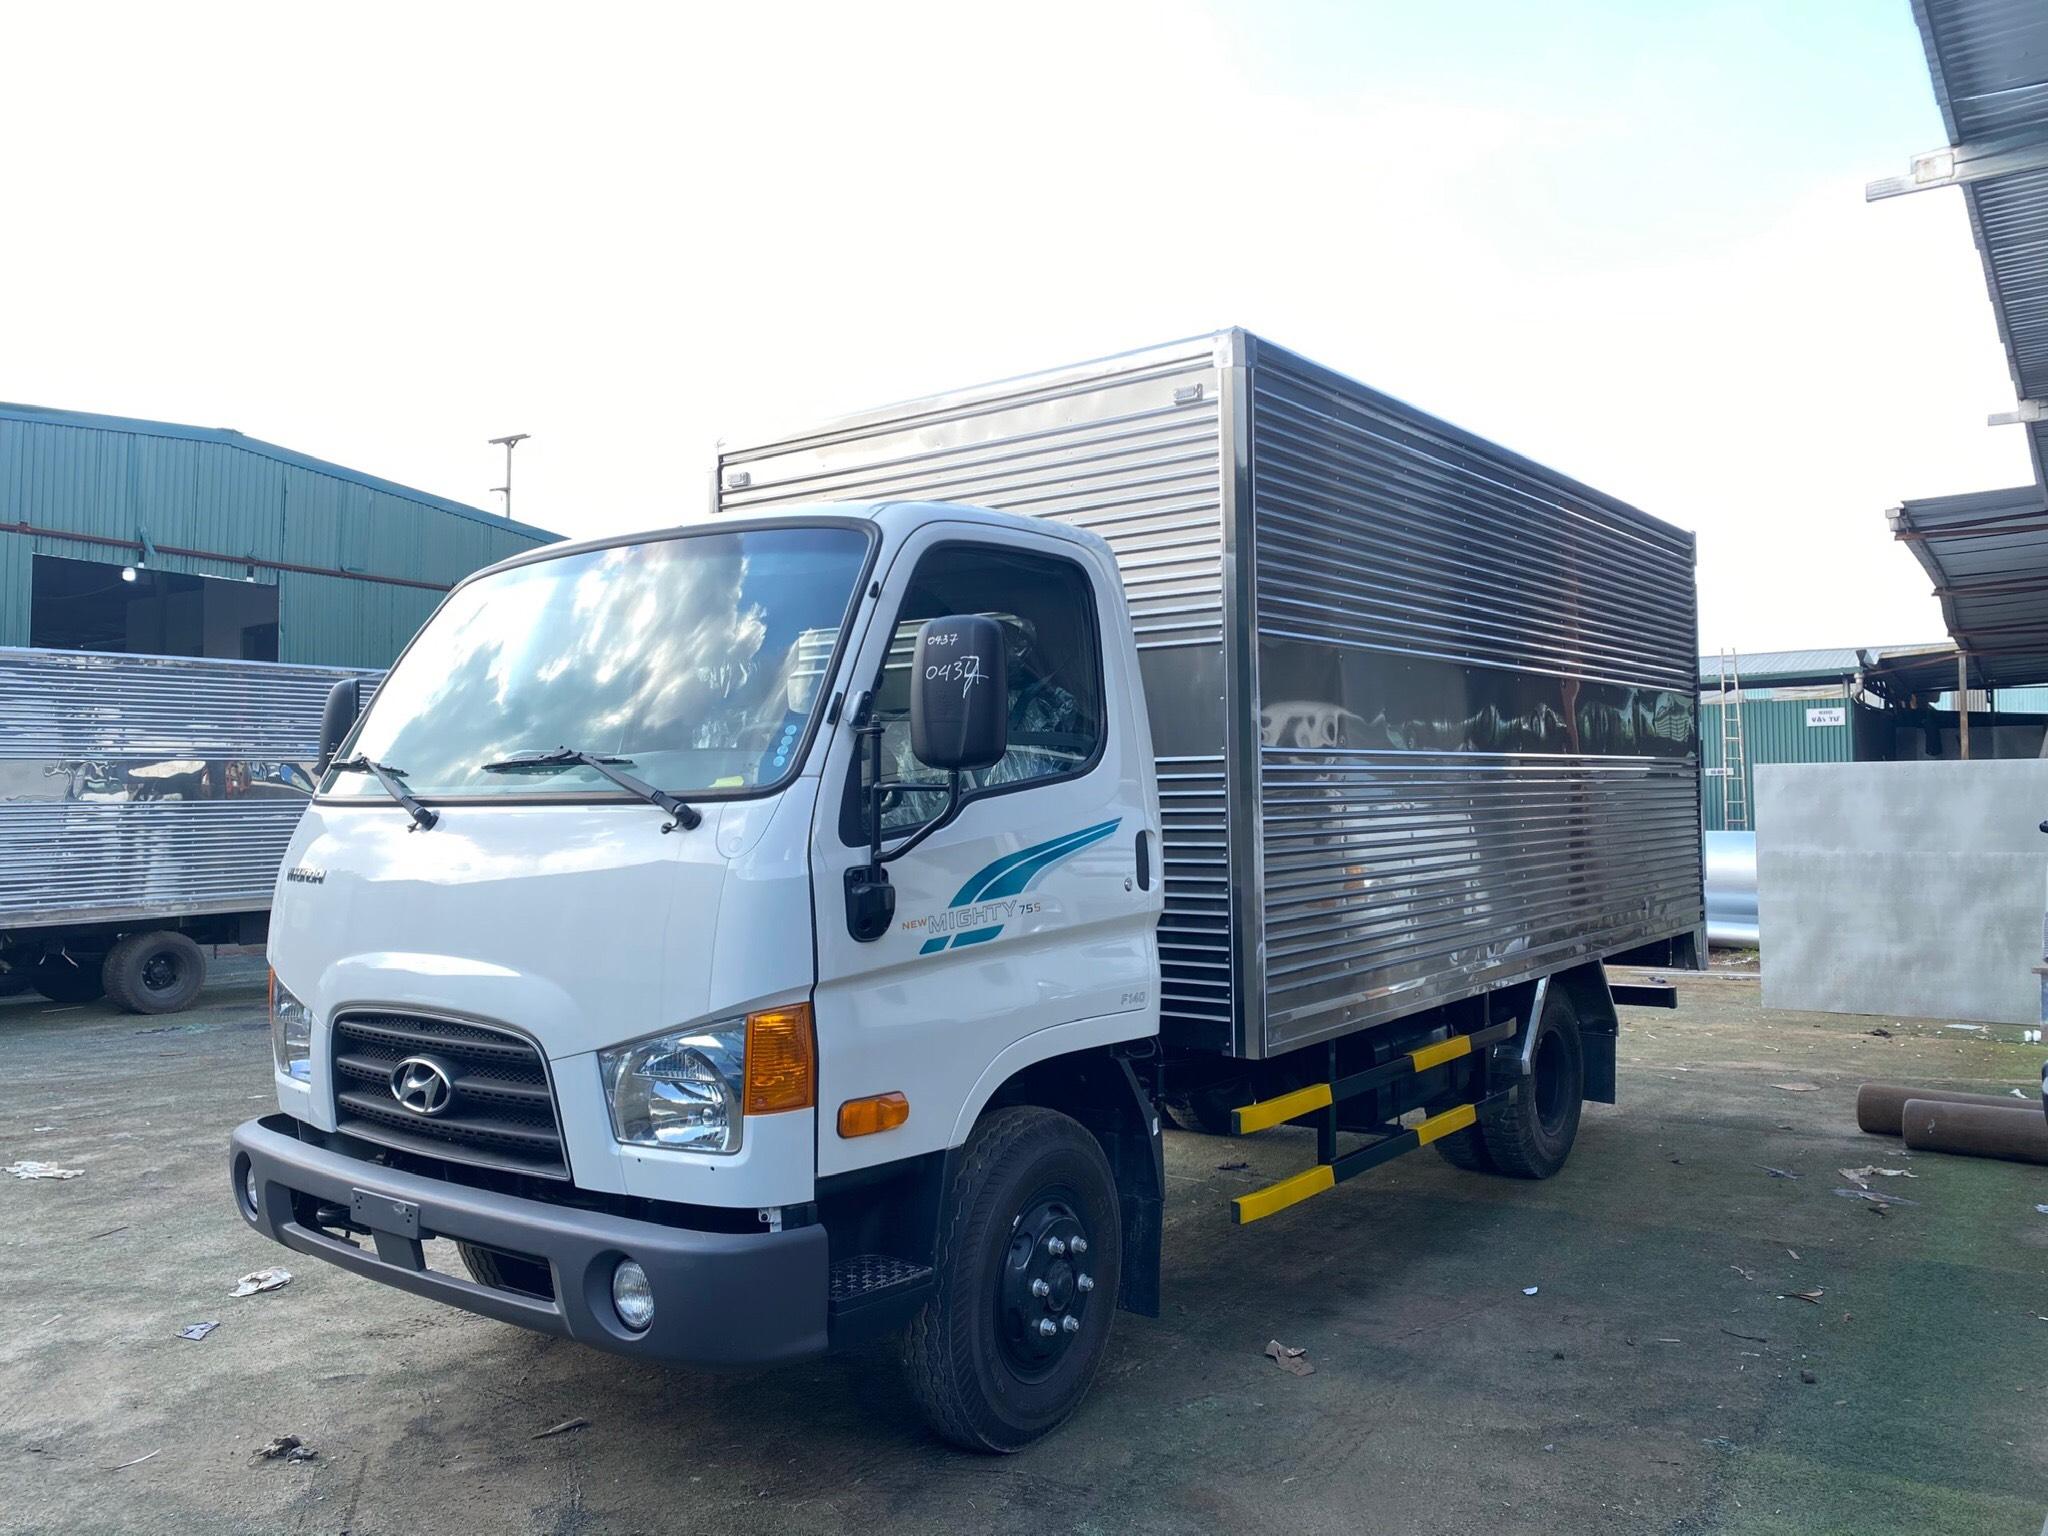 Bán xe tải Hyundai 75s tại Tuyên Quang